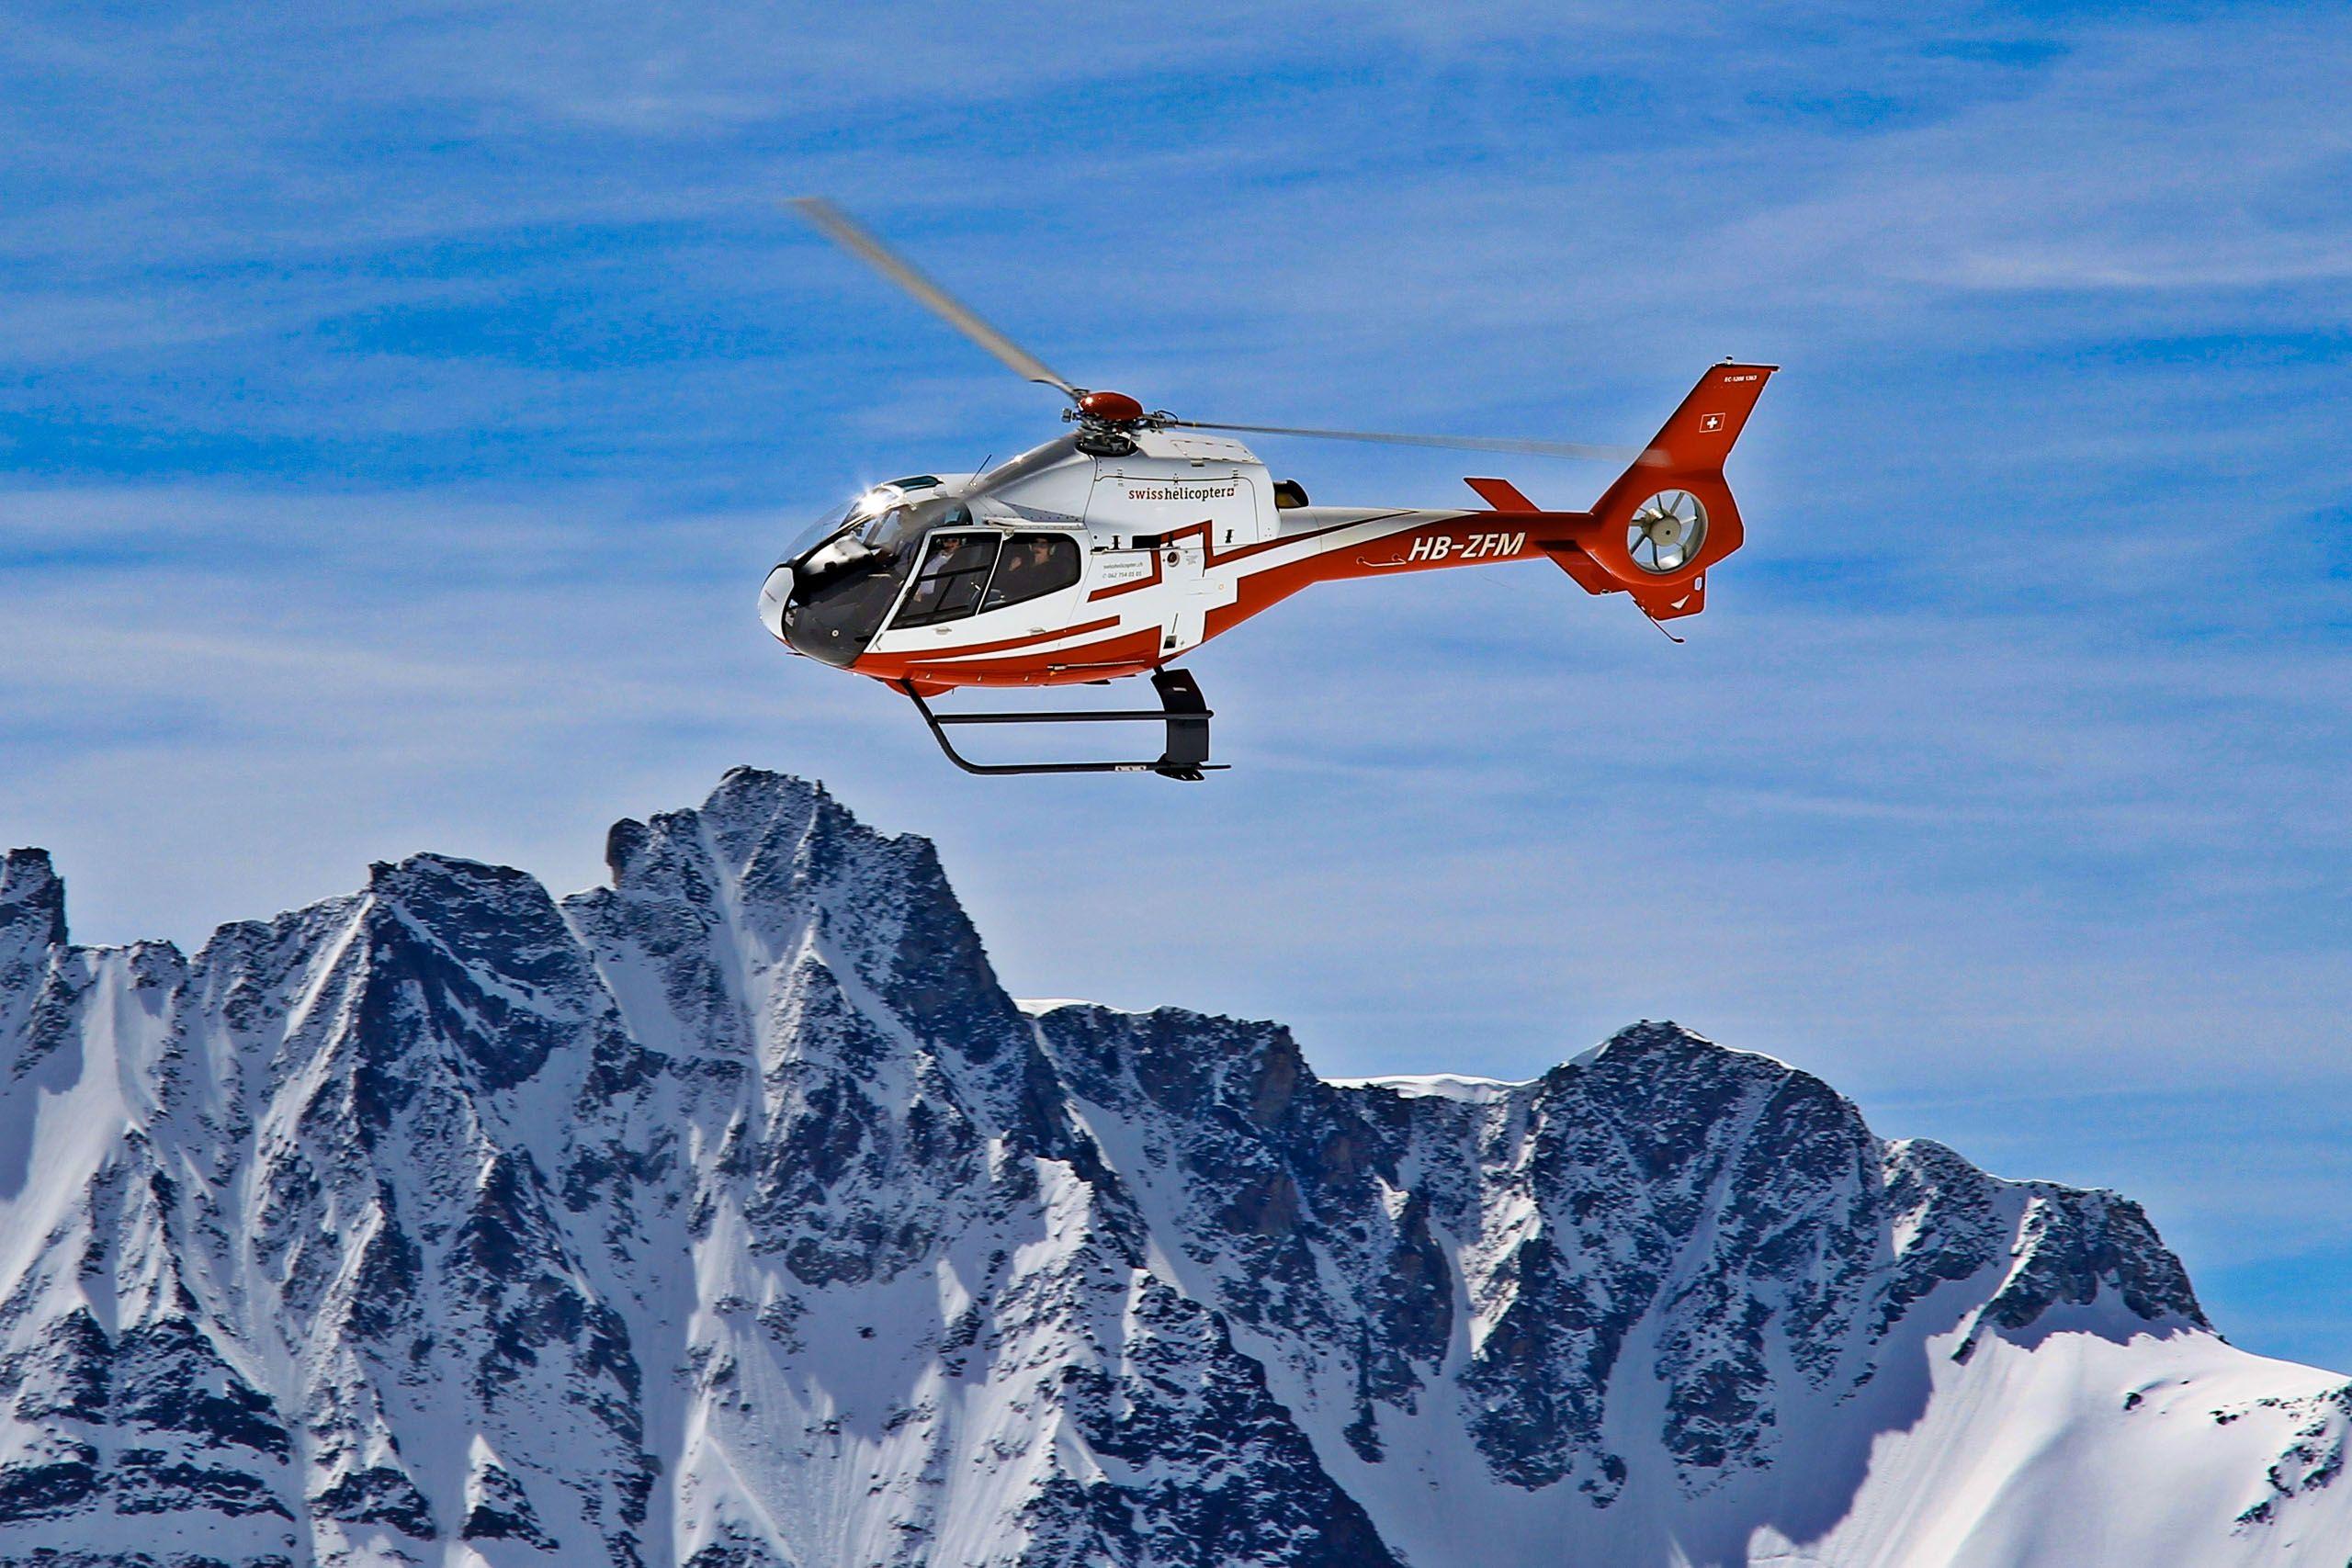 Helikopterflug-Schweiz